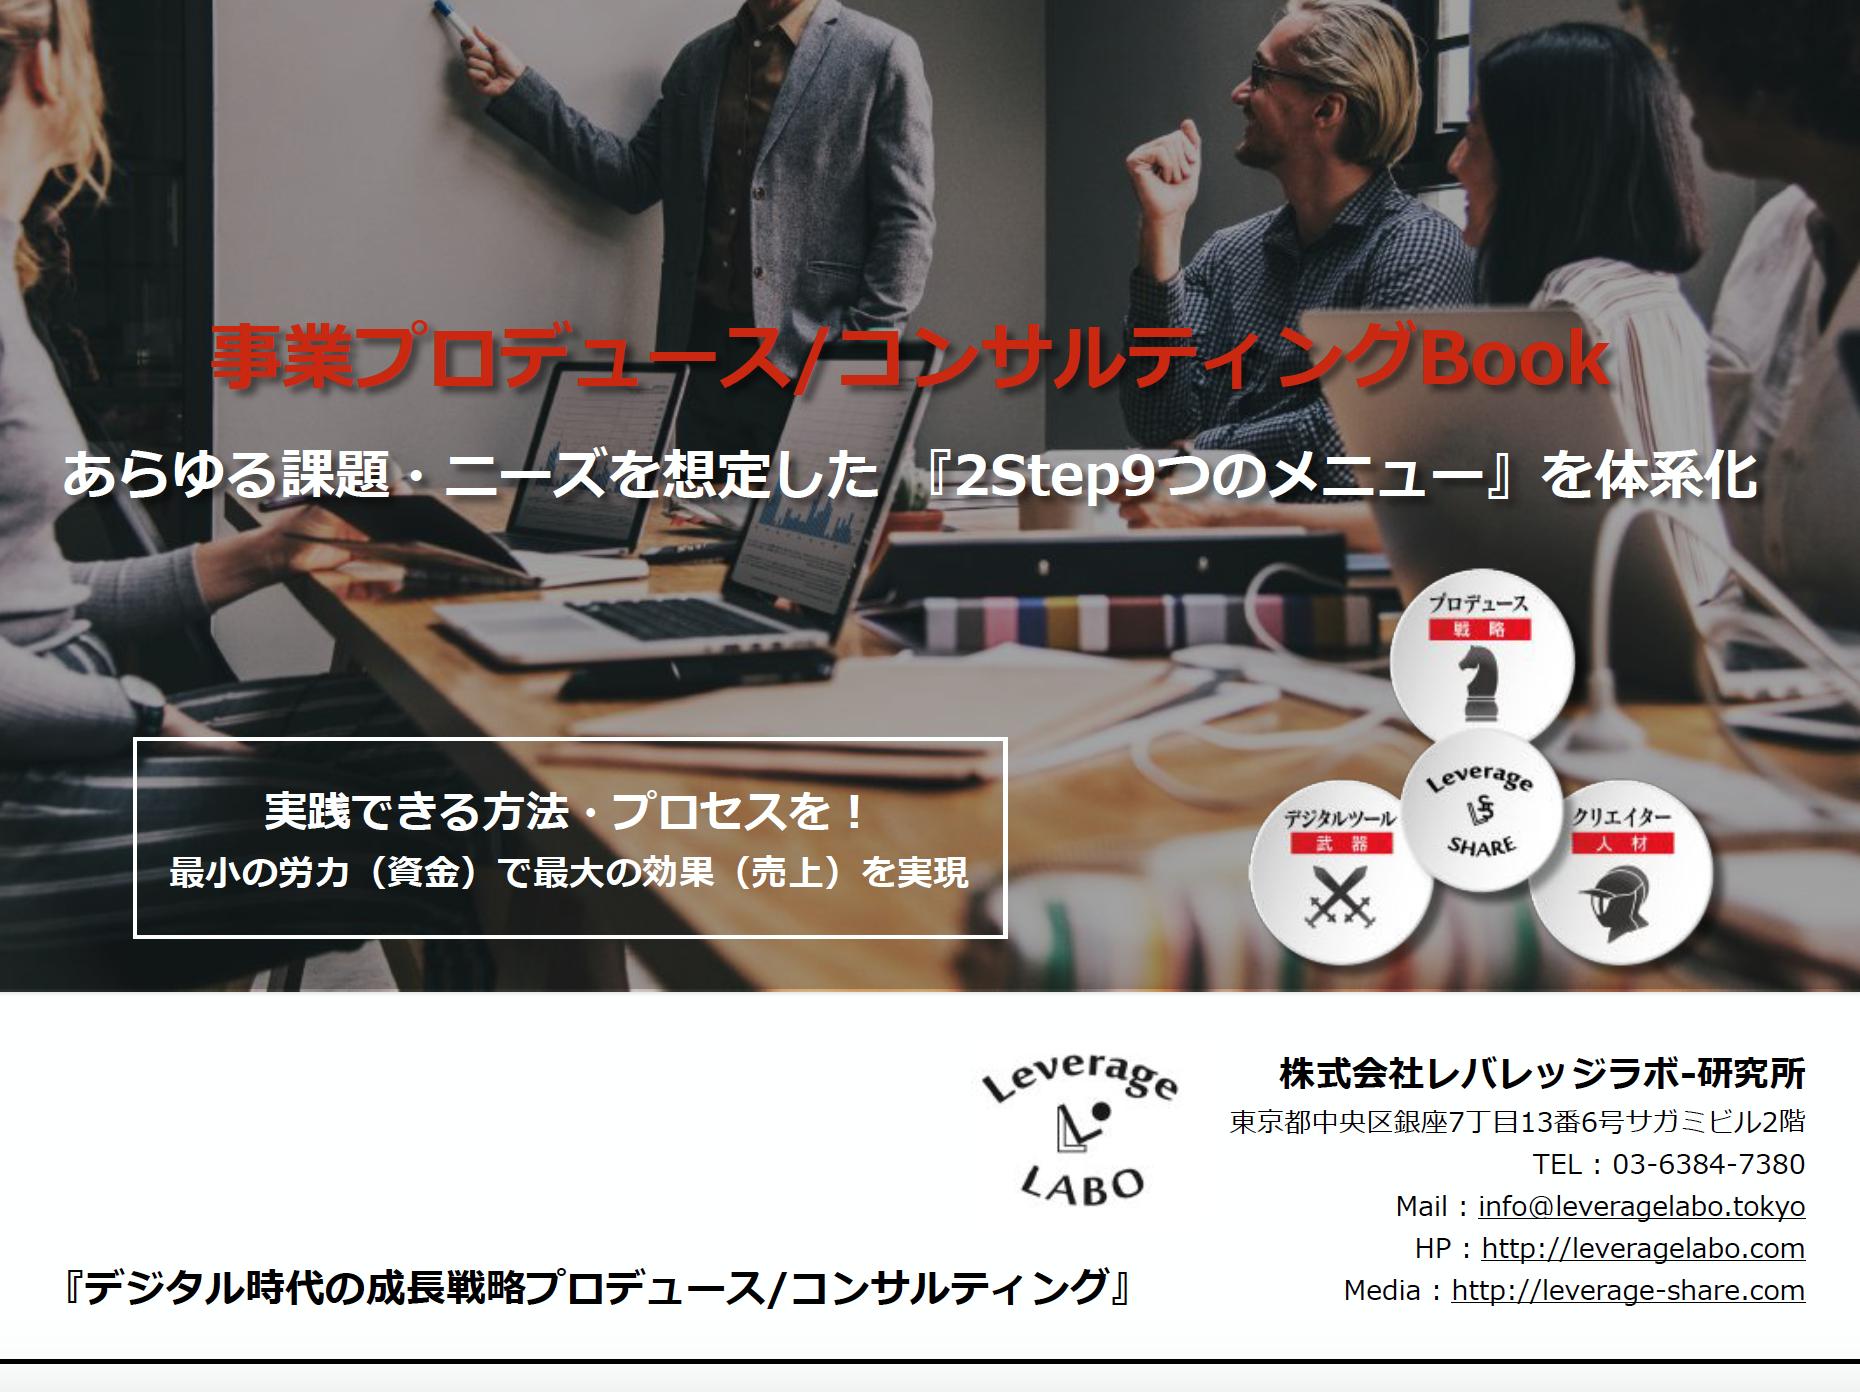 戦略コンサルティング/デジタルマーケティング